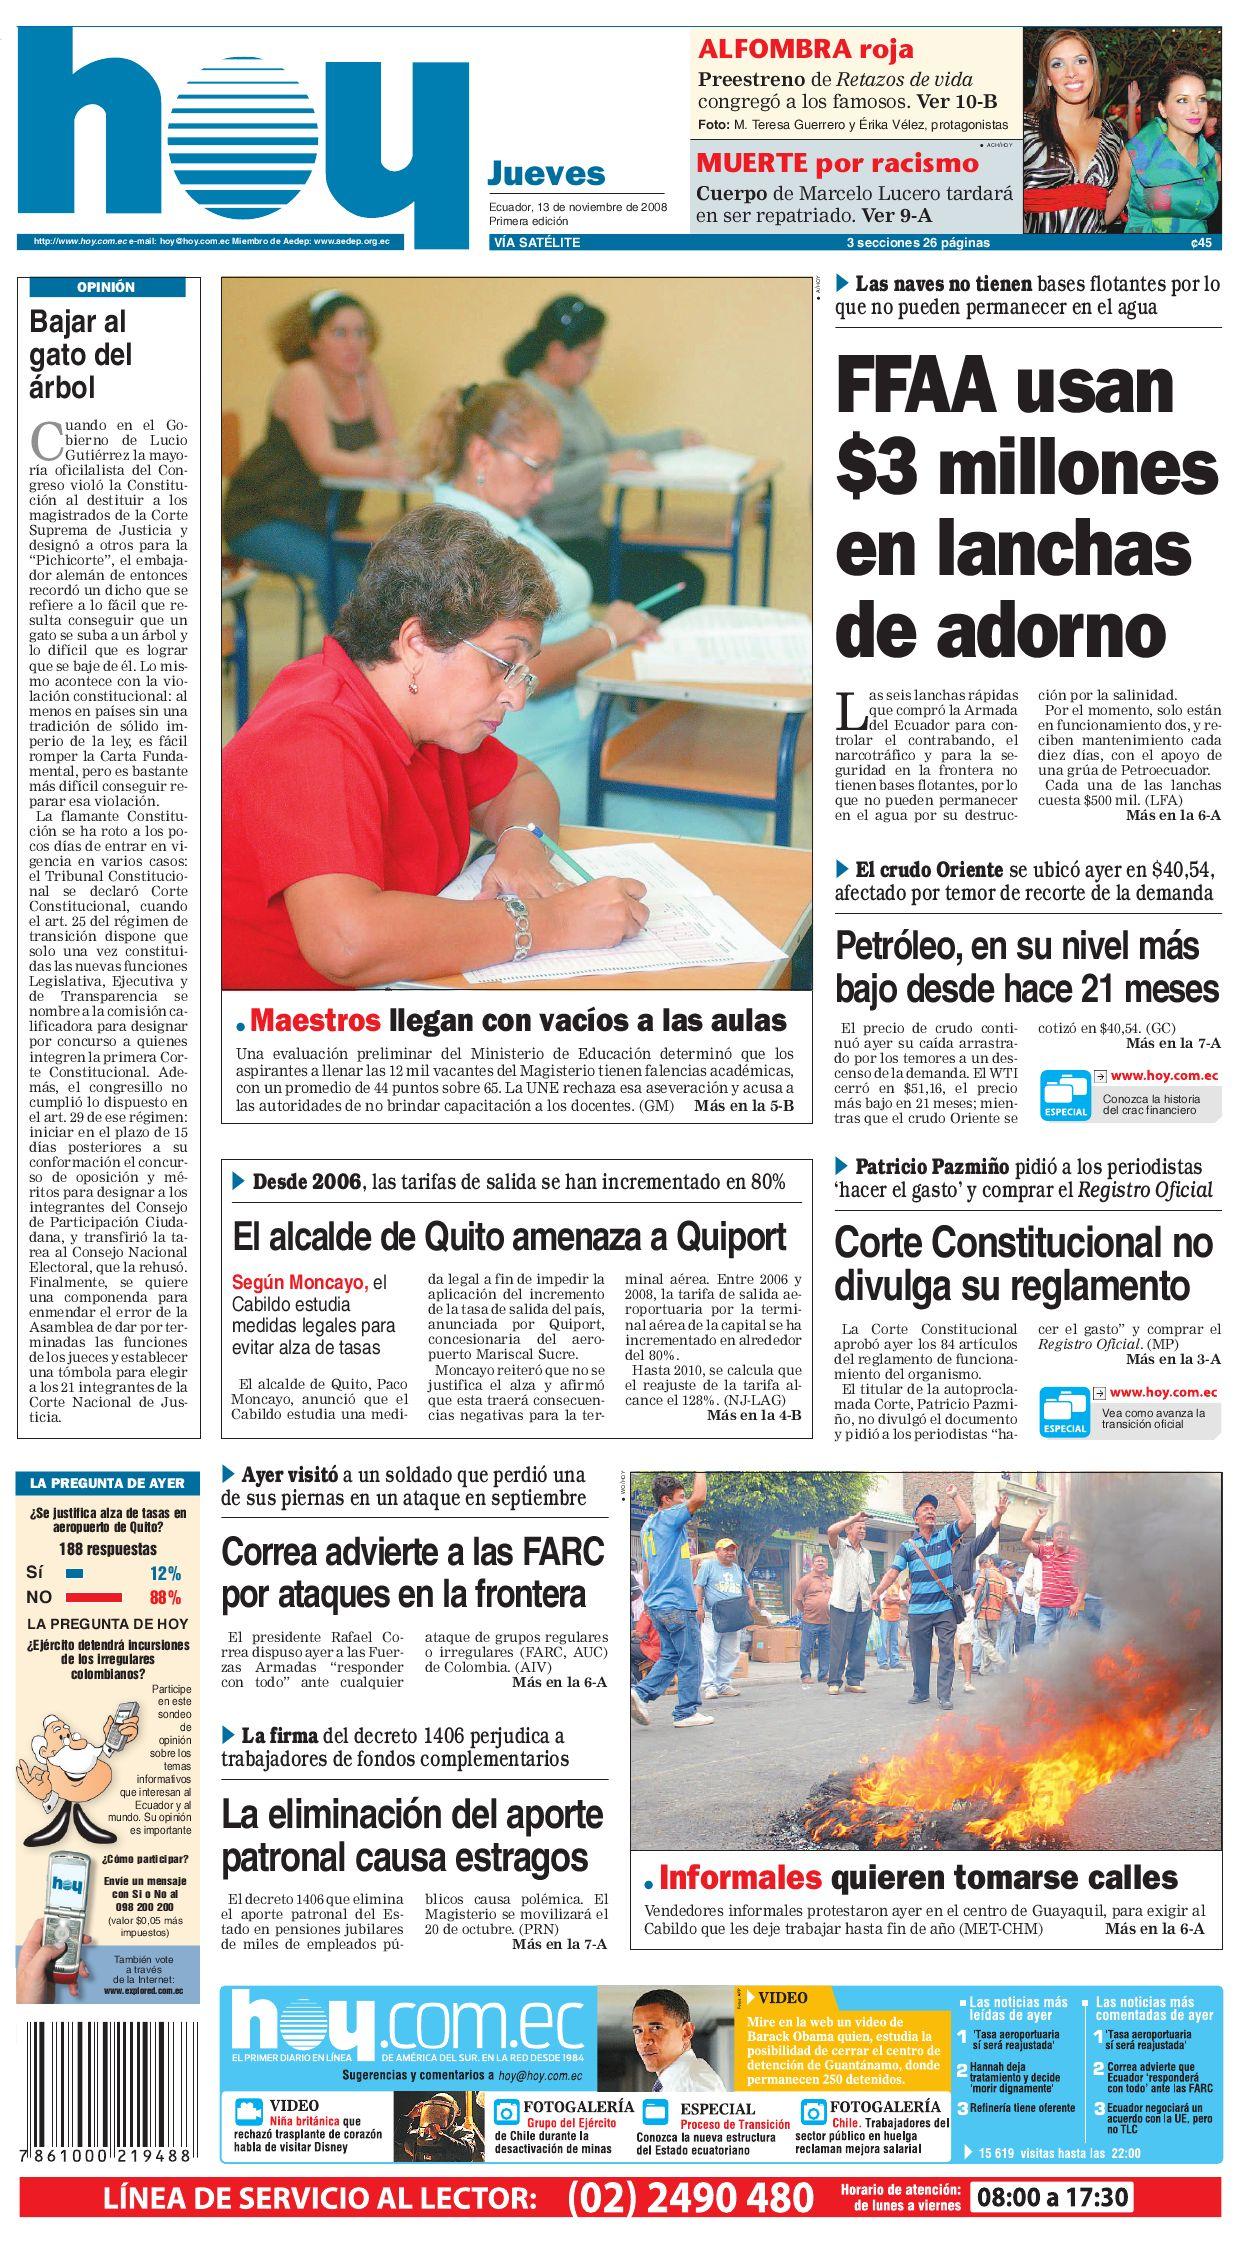 Actriz Porno Daniela Morochola diario hoy jueves 131108hoydigital hoydigital07 - issuu